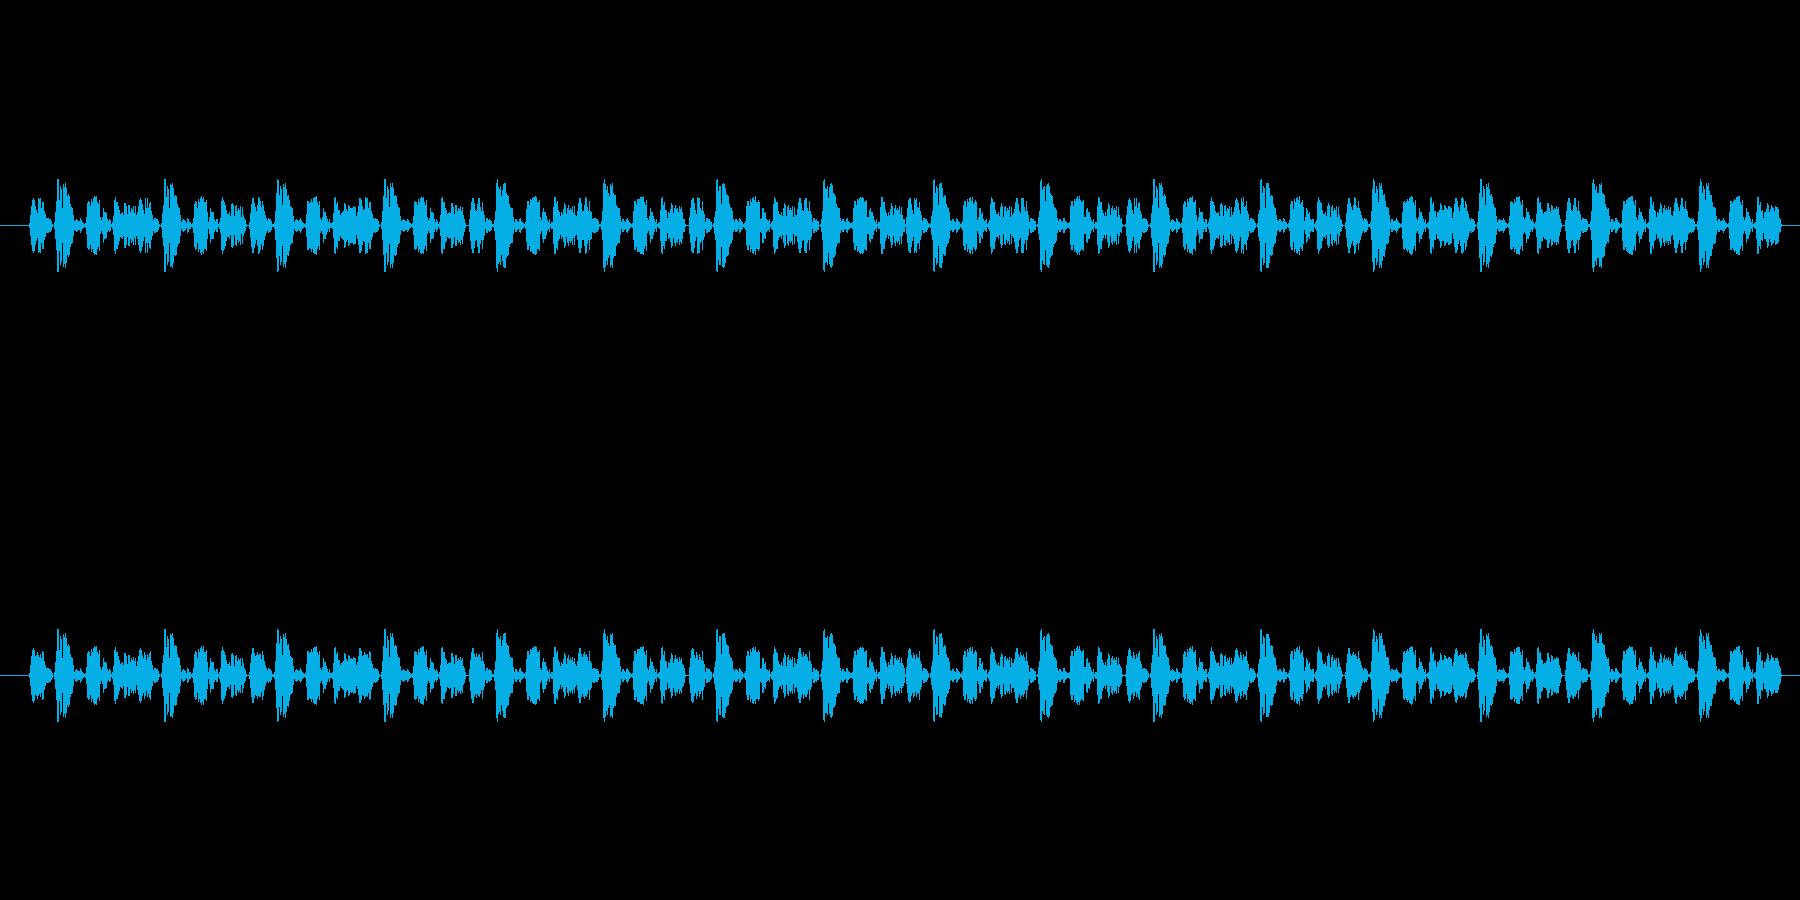 【慌てる05-3】の再生済みの波形